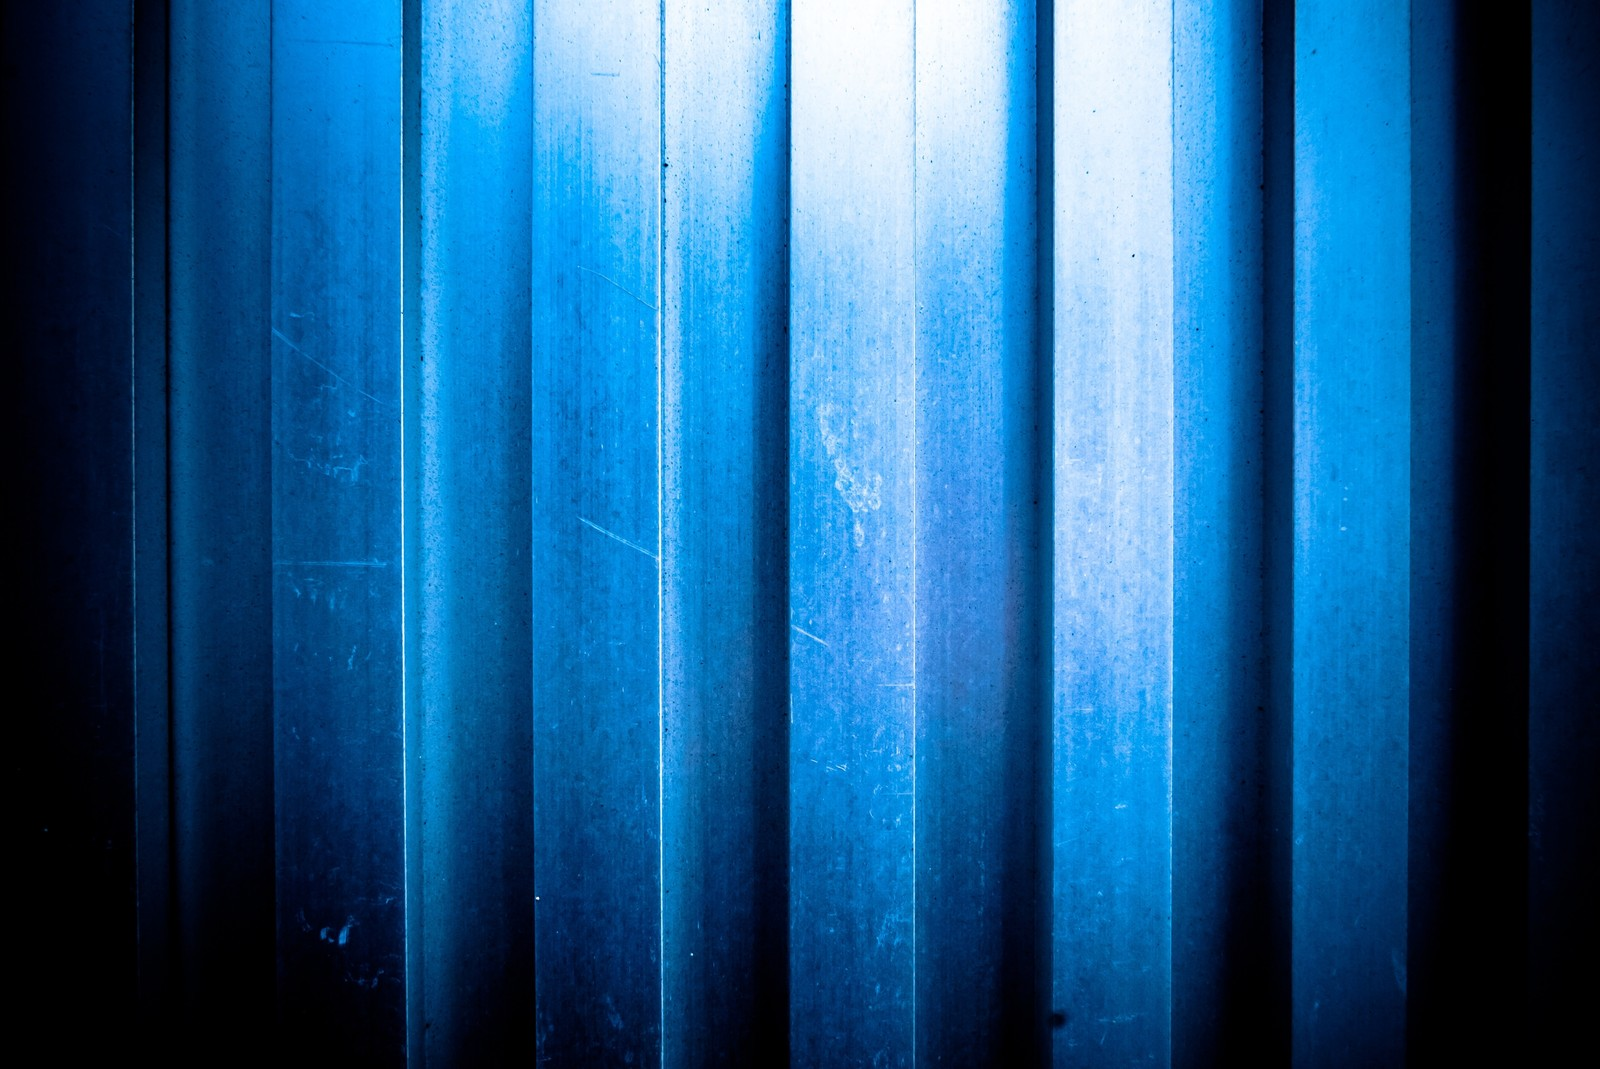 「凹凸のあるアルミの壁(テクスチャ)」の写真